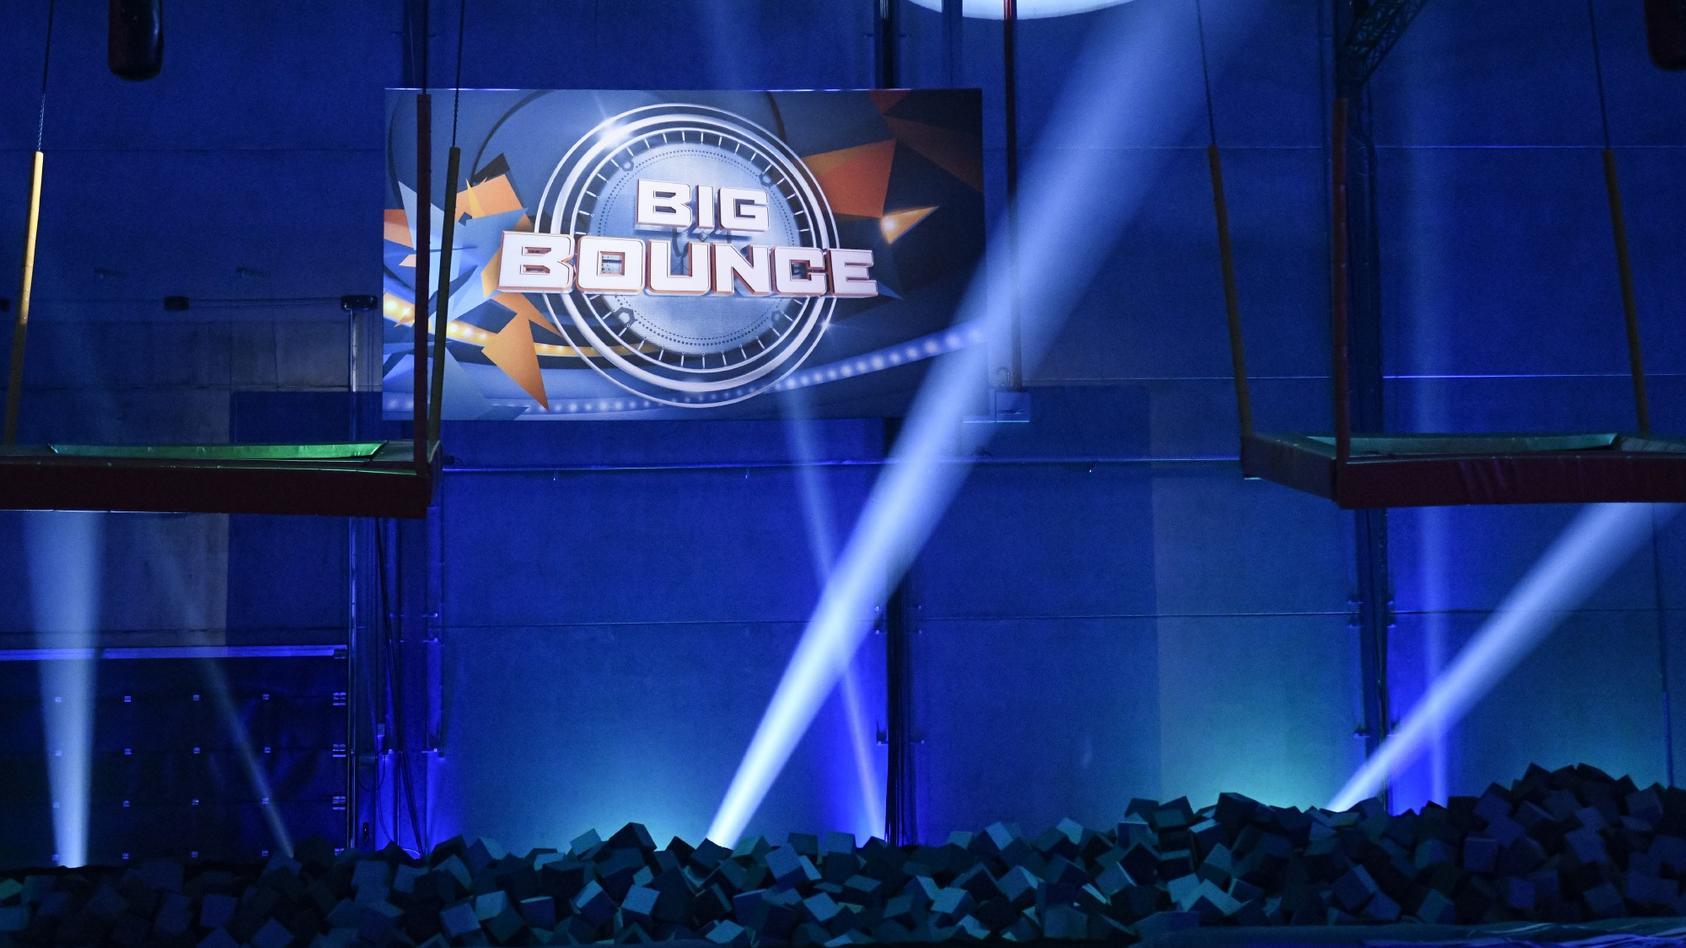 """Wir haben die wichtigsten Fakten rund um """"Big Bounce"""" zusammengetragen."""